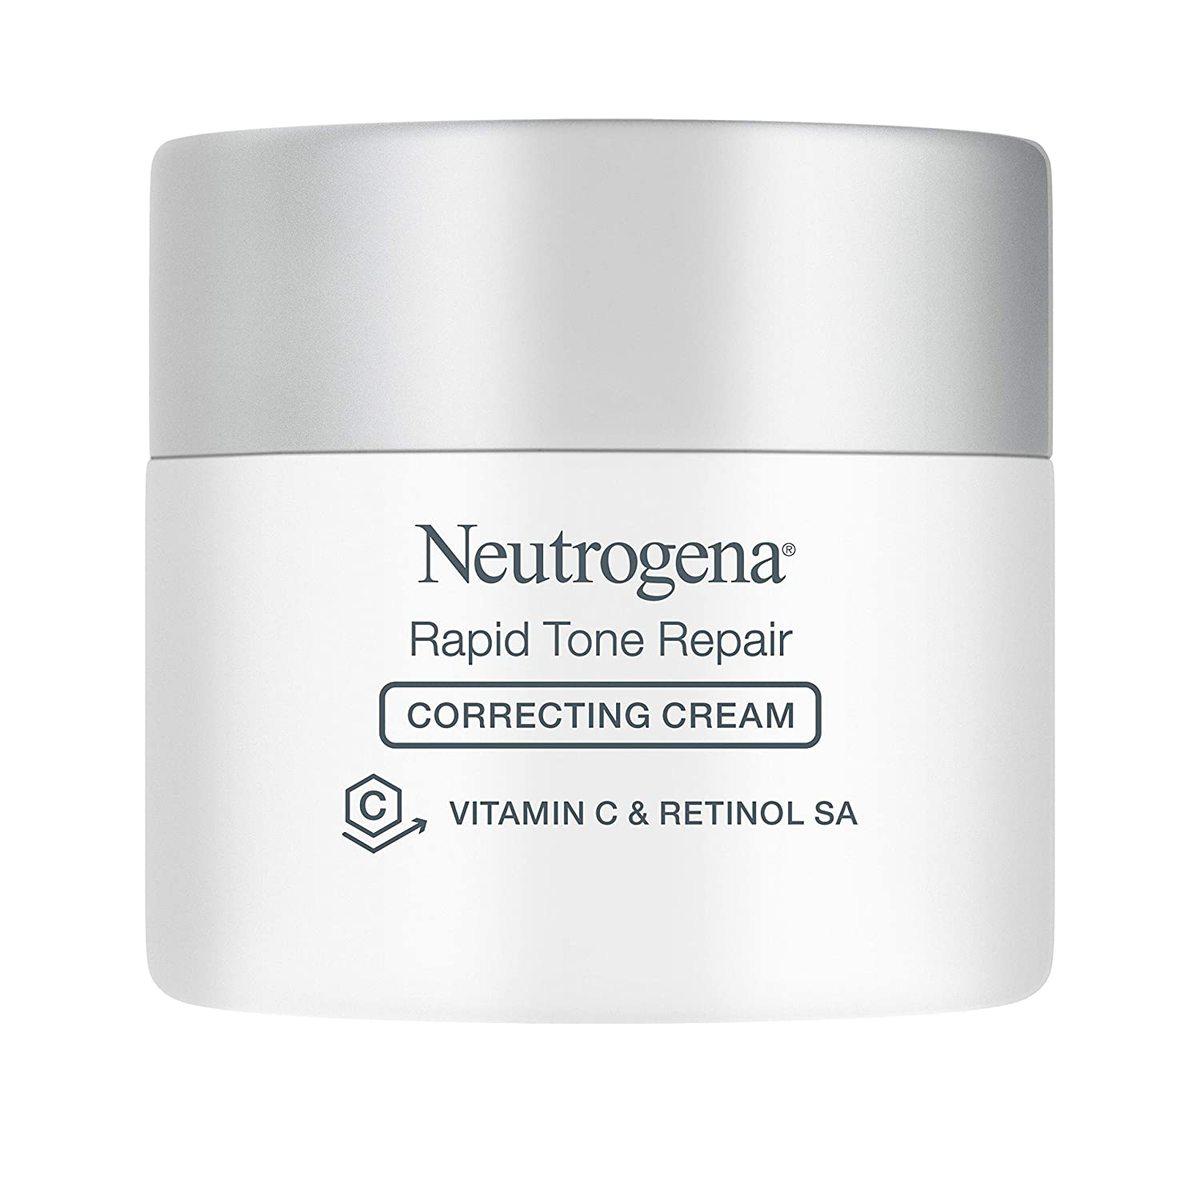 Neutrogena Rapid Tone Repair Correcting Cream